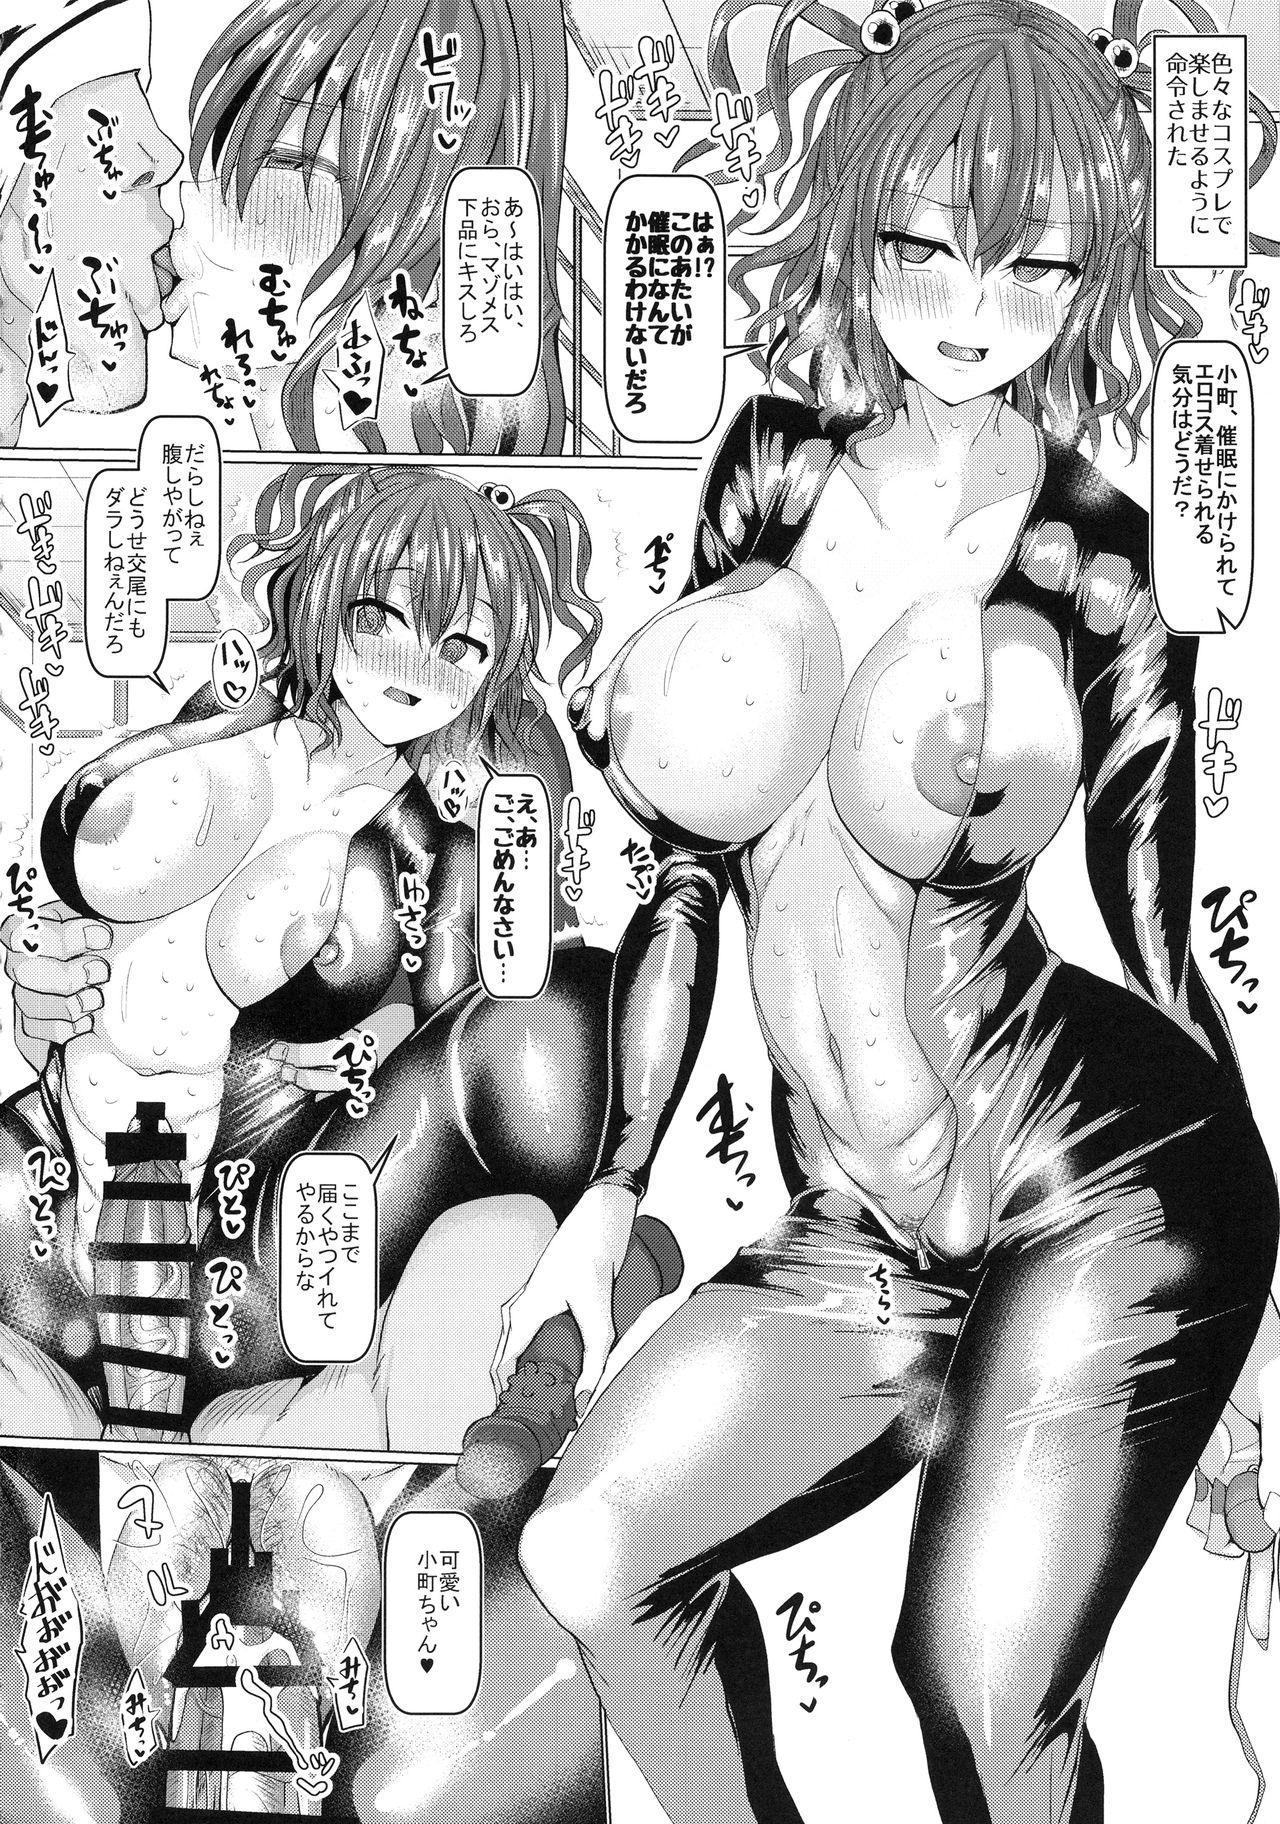 Saimin de Shinigami no Maso Mesu o Abake!! 17